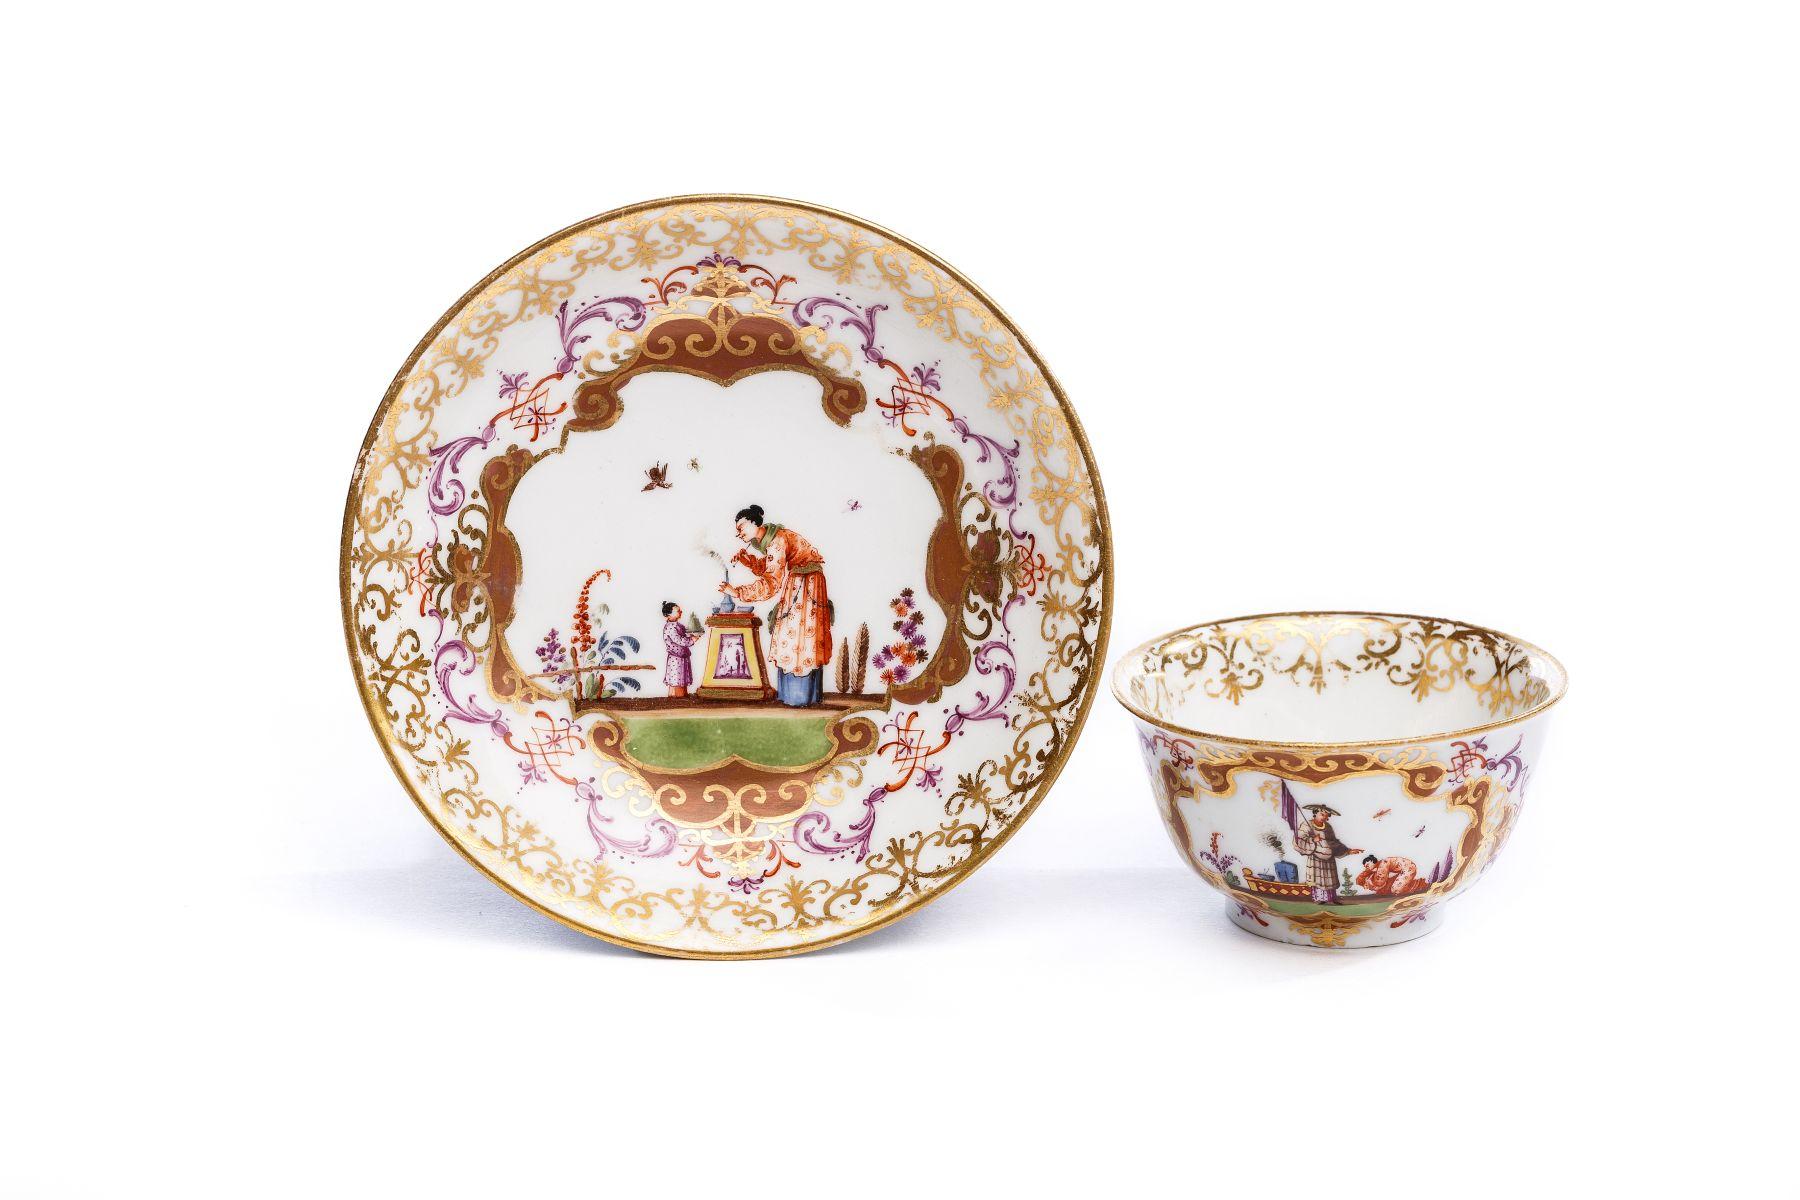 #67 Bowl with saucer, Meissen 1720/25 | Koppchen mit Unterschale, Meissen 1720/25 Image